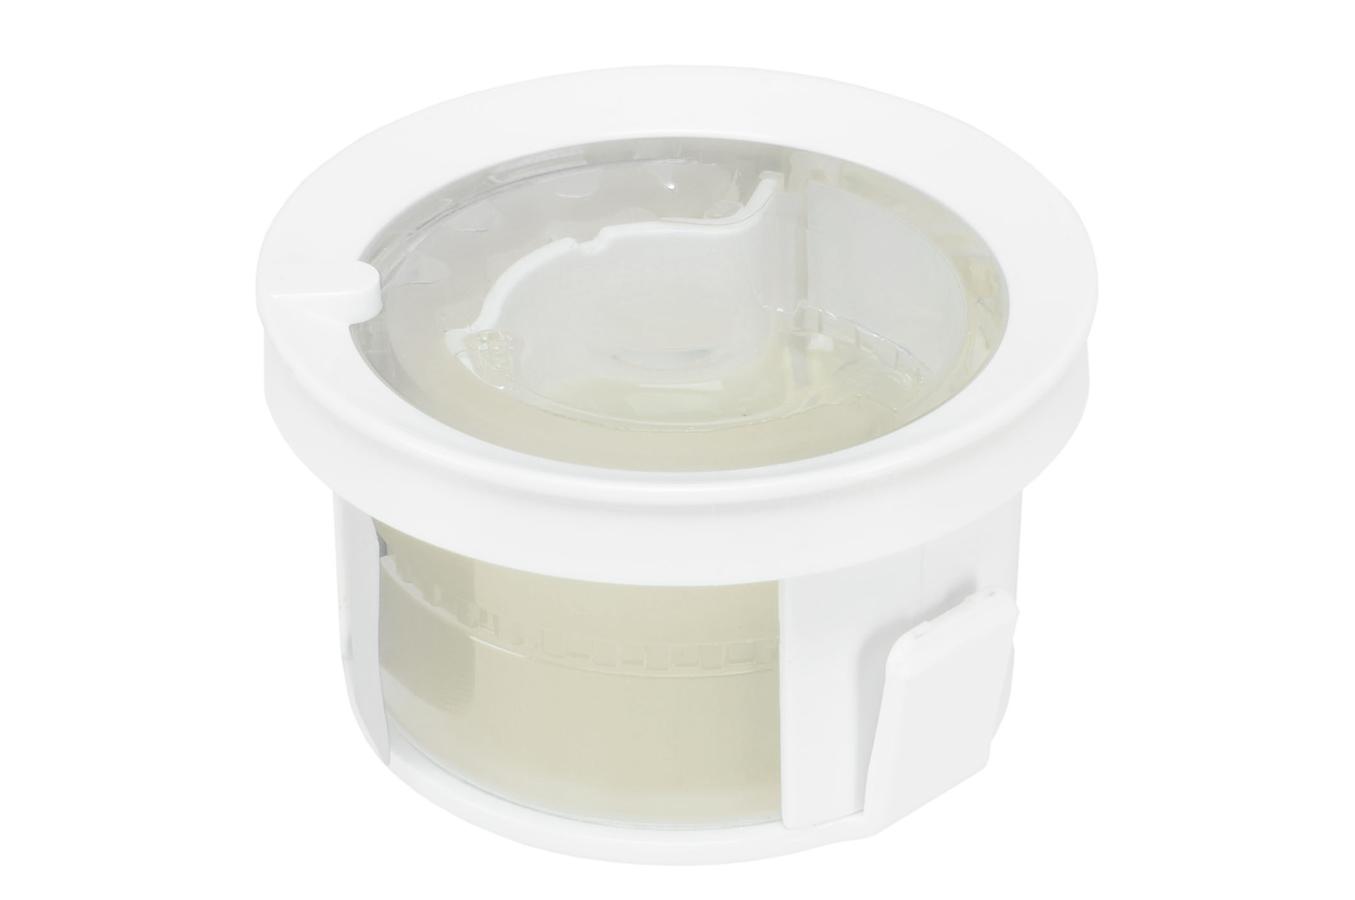 accessoire pour s che linge miele parfum cocoon 1364332 darty. Black Bedroom Furniture Sets. Home Design Ideas